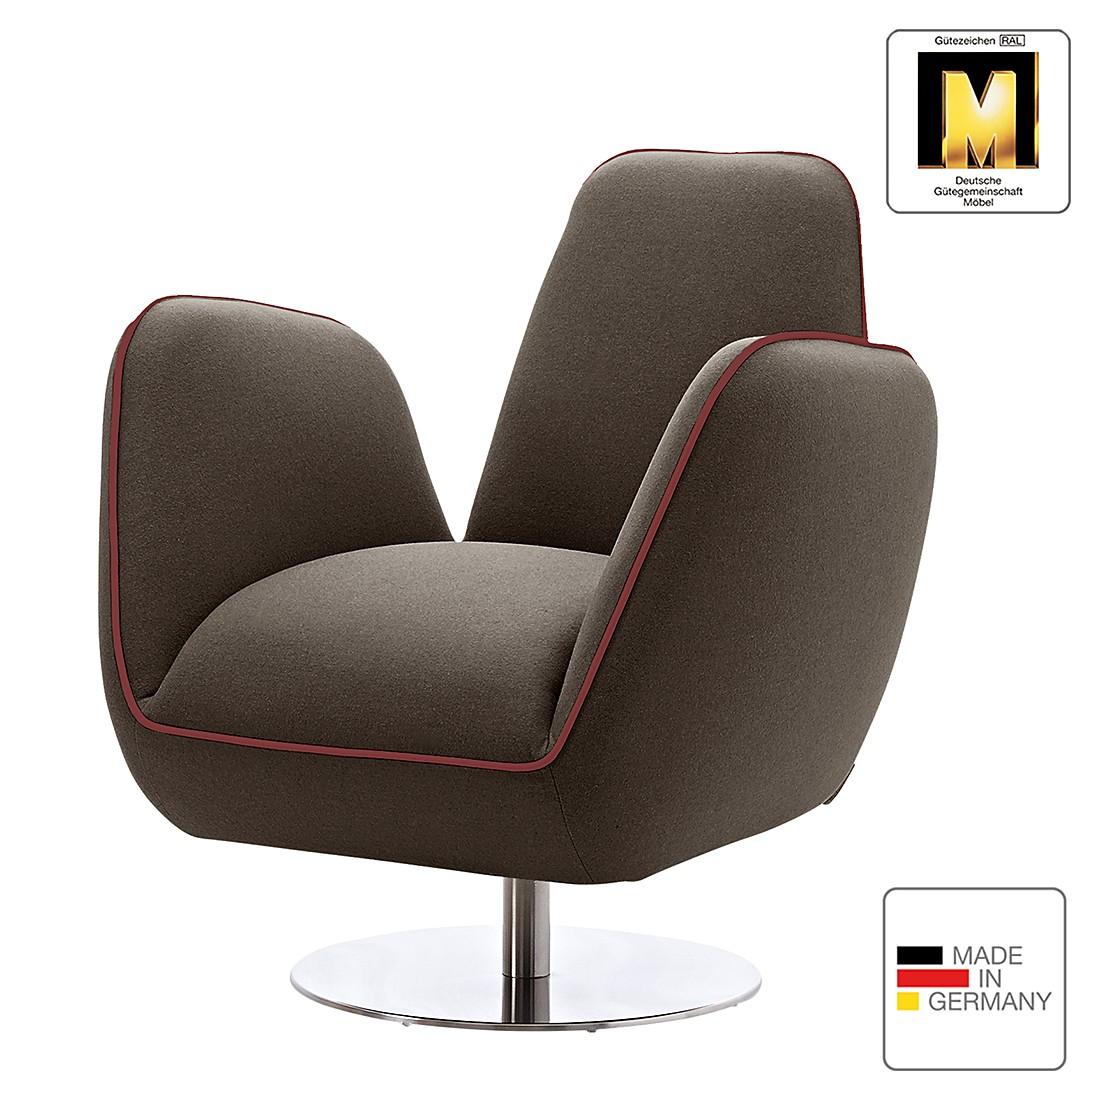 Sessel Pinto I – Webstoff – Braun / Rot, Machalke Polsterwerkstätten günstig online kaufen